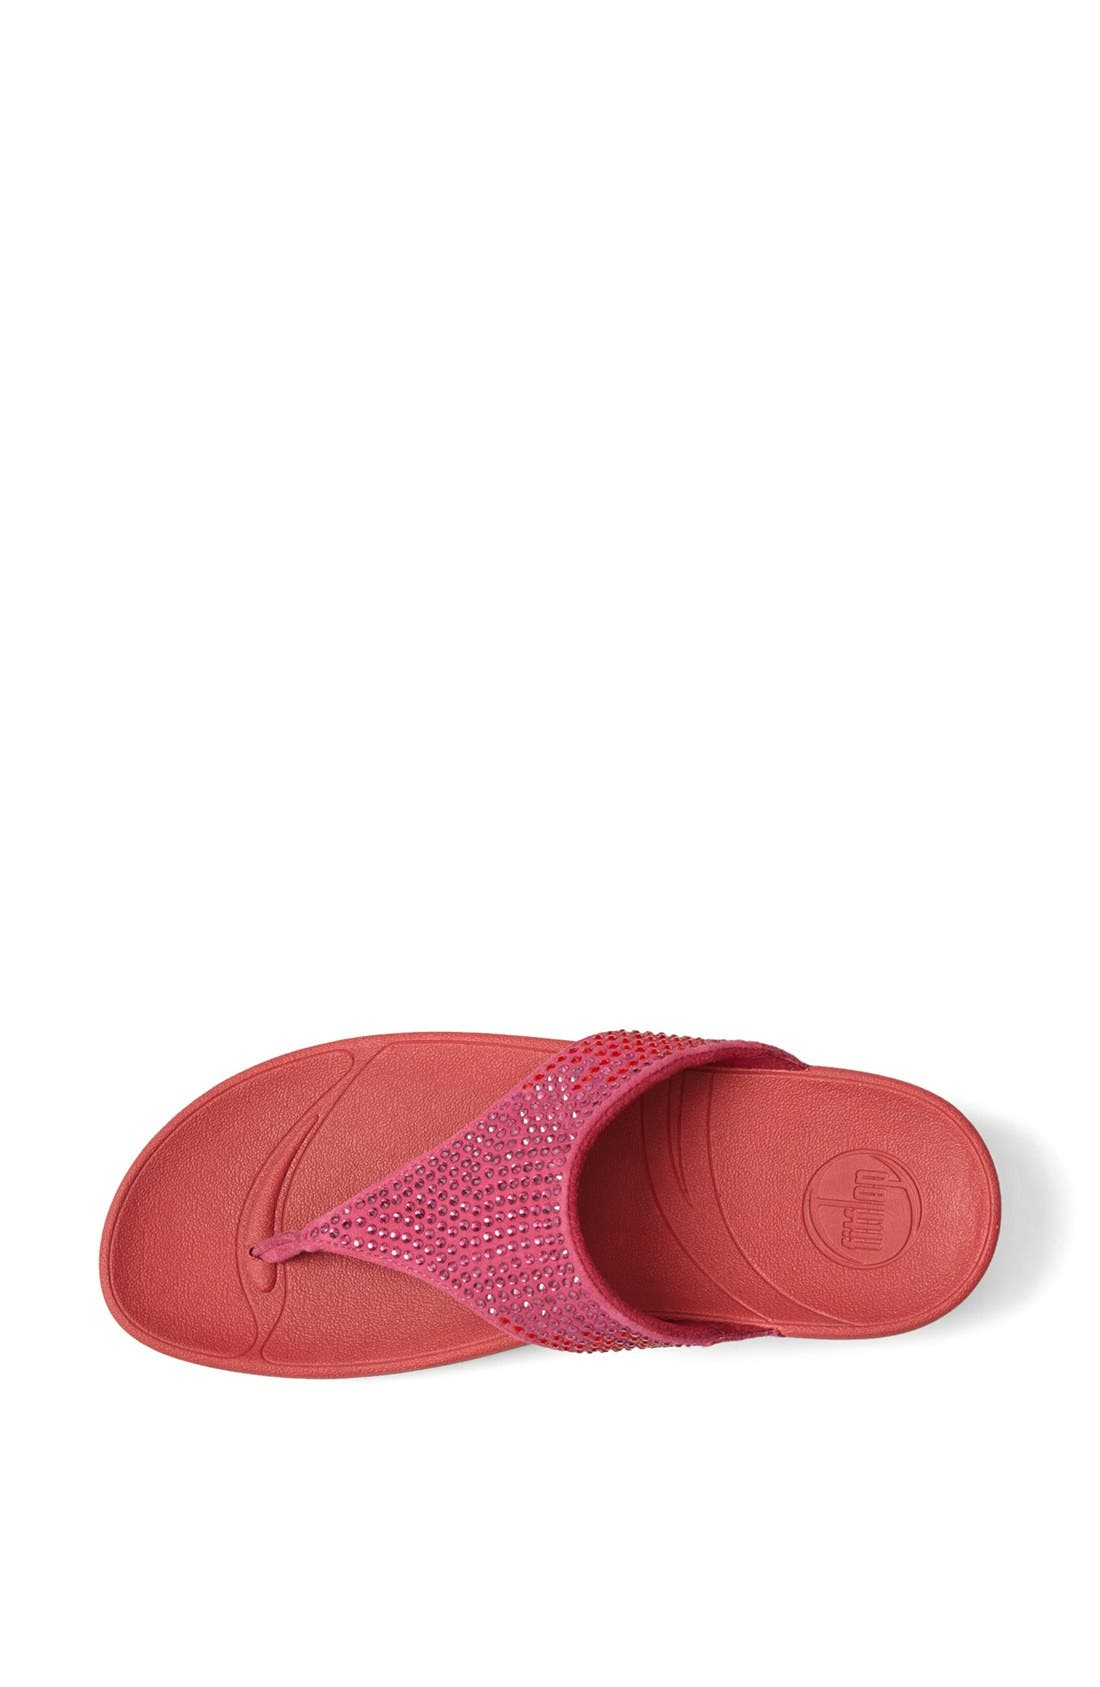 Alternate Image 3  - FitFlop 'Flare™' Sandal